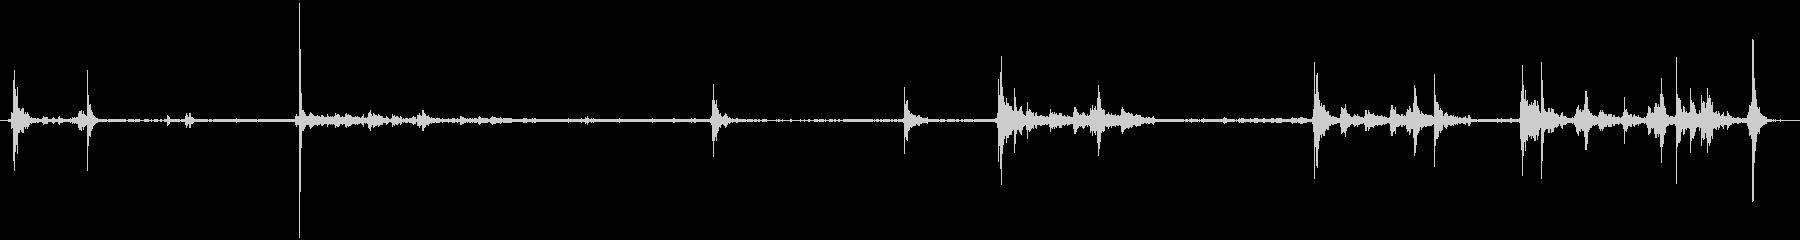 ピンボールマシン:1956:リセッ...の未再生の波形